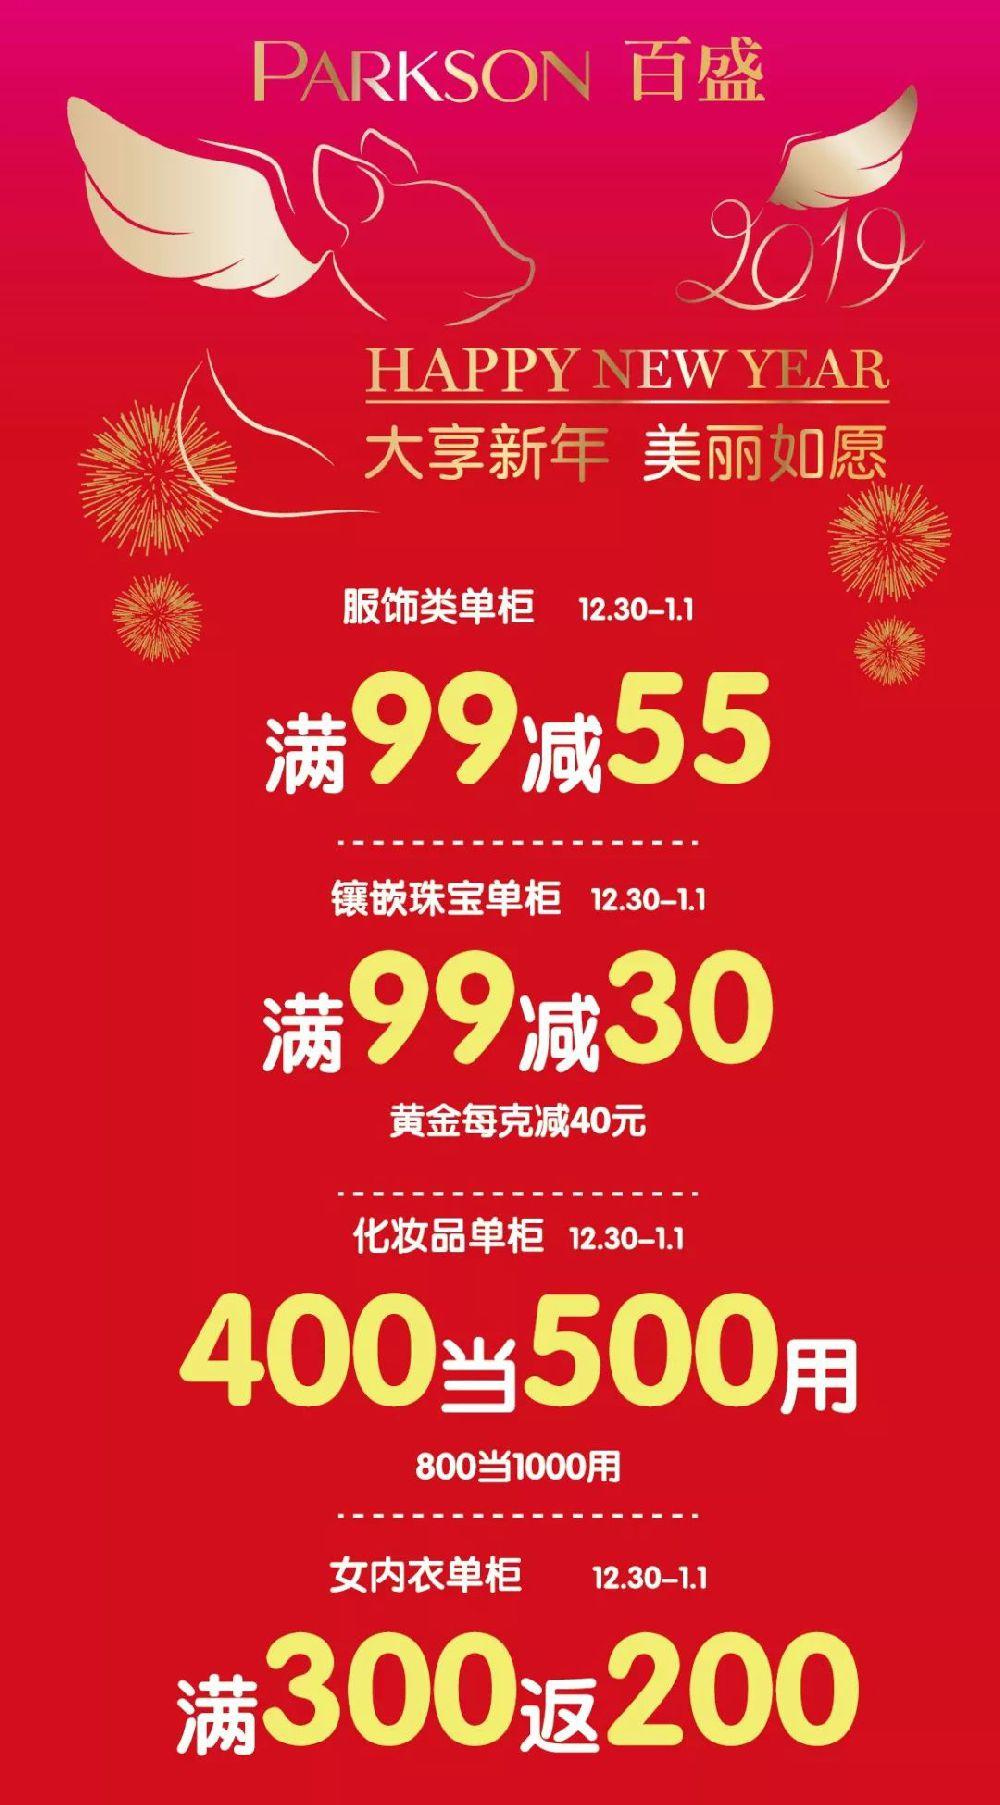 上海莘庄百盛新年折扣  服饰满99减55 化妆品满500减100